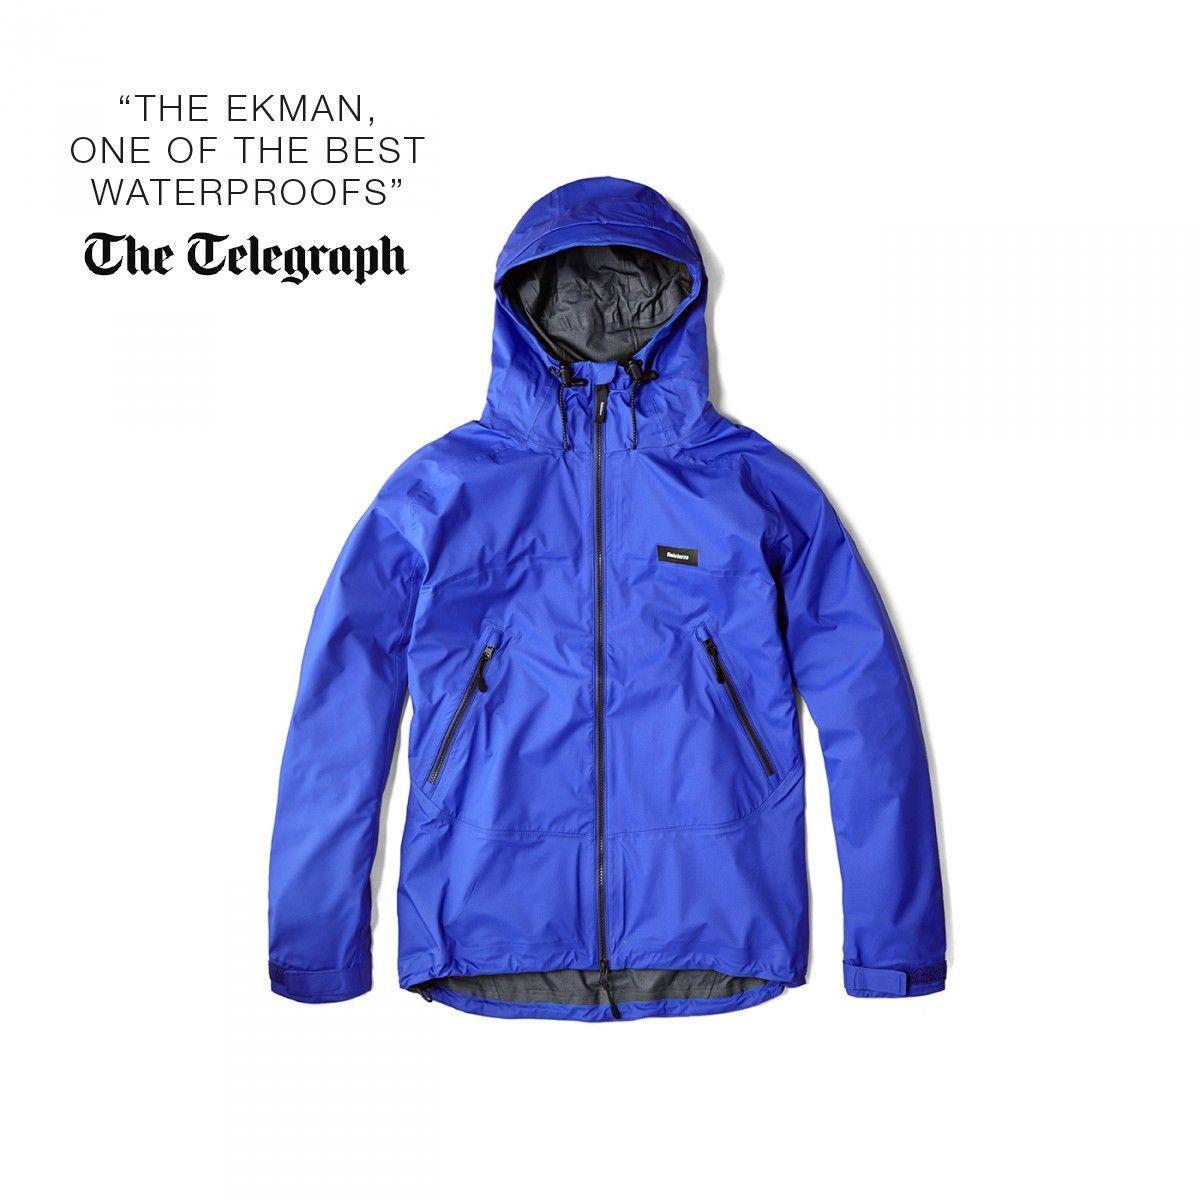 Ekman Db Waterproof Shell Insulated Jackets Jackets Waterproof Coat